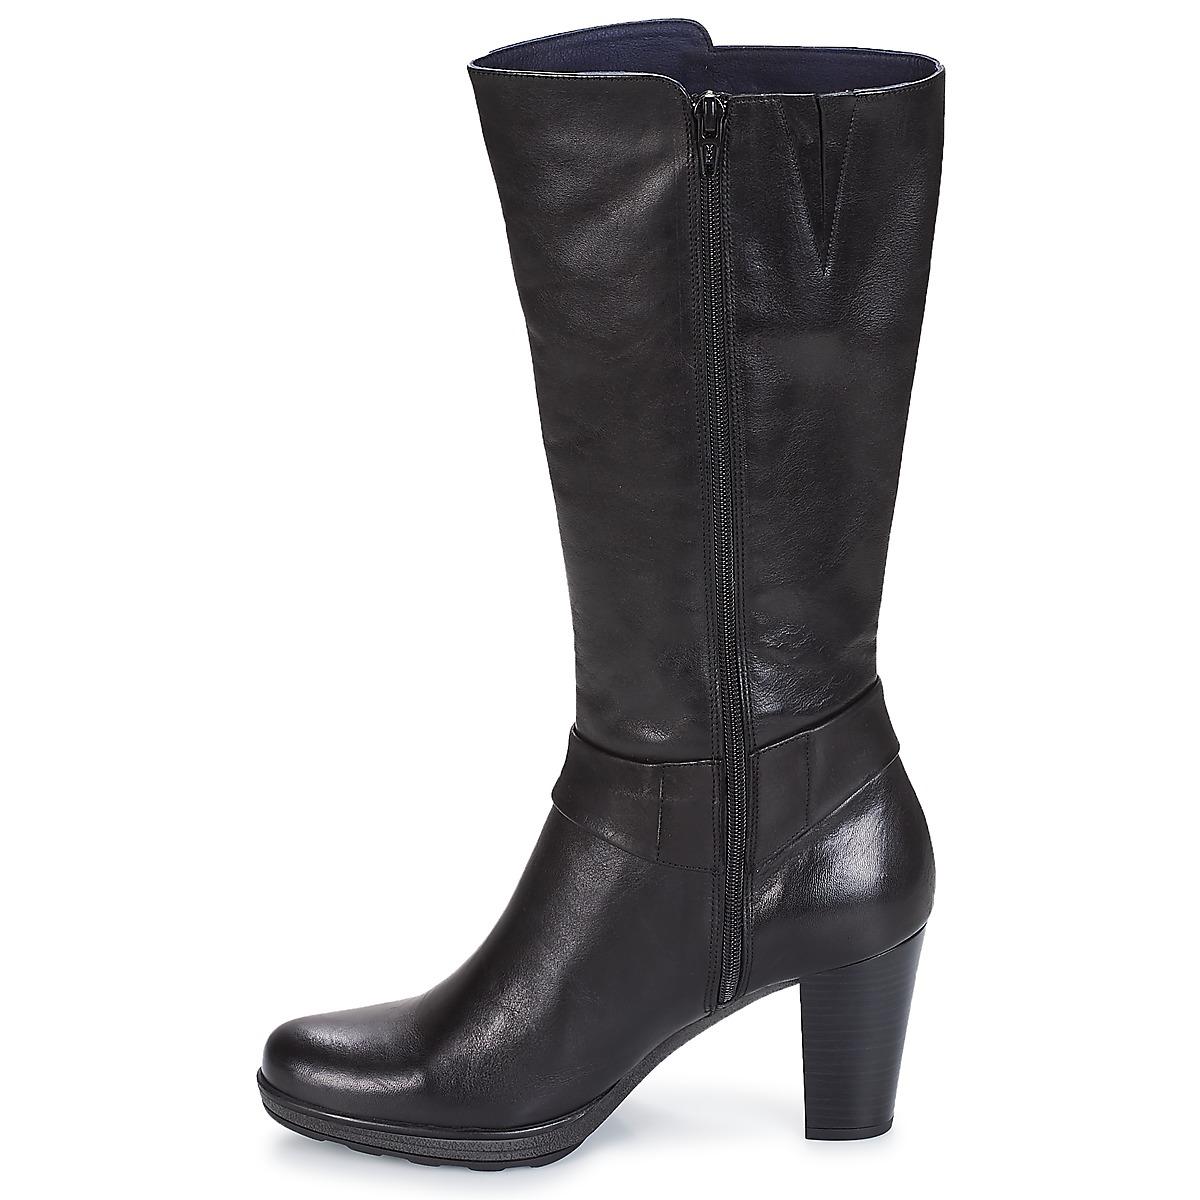 Dorking Reina Noir - Livraison Gratuite Chaussures Botte Ville Femme 124,00 €